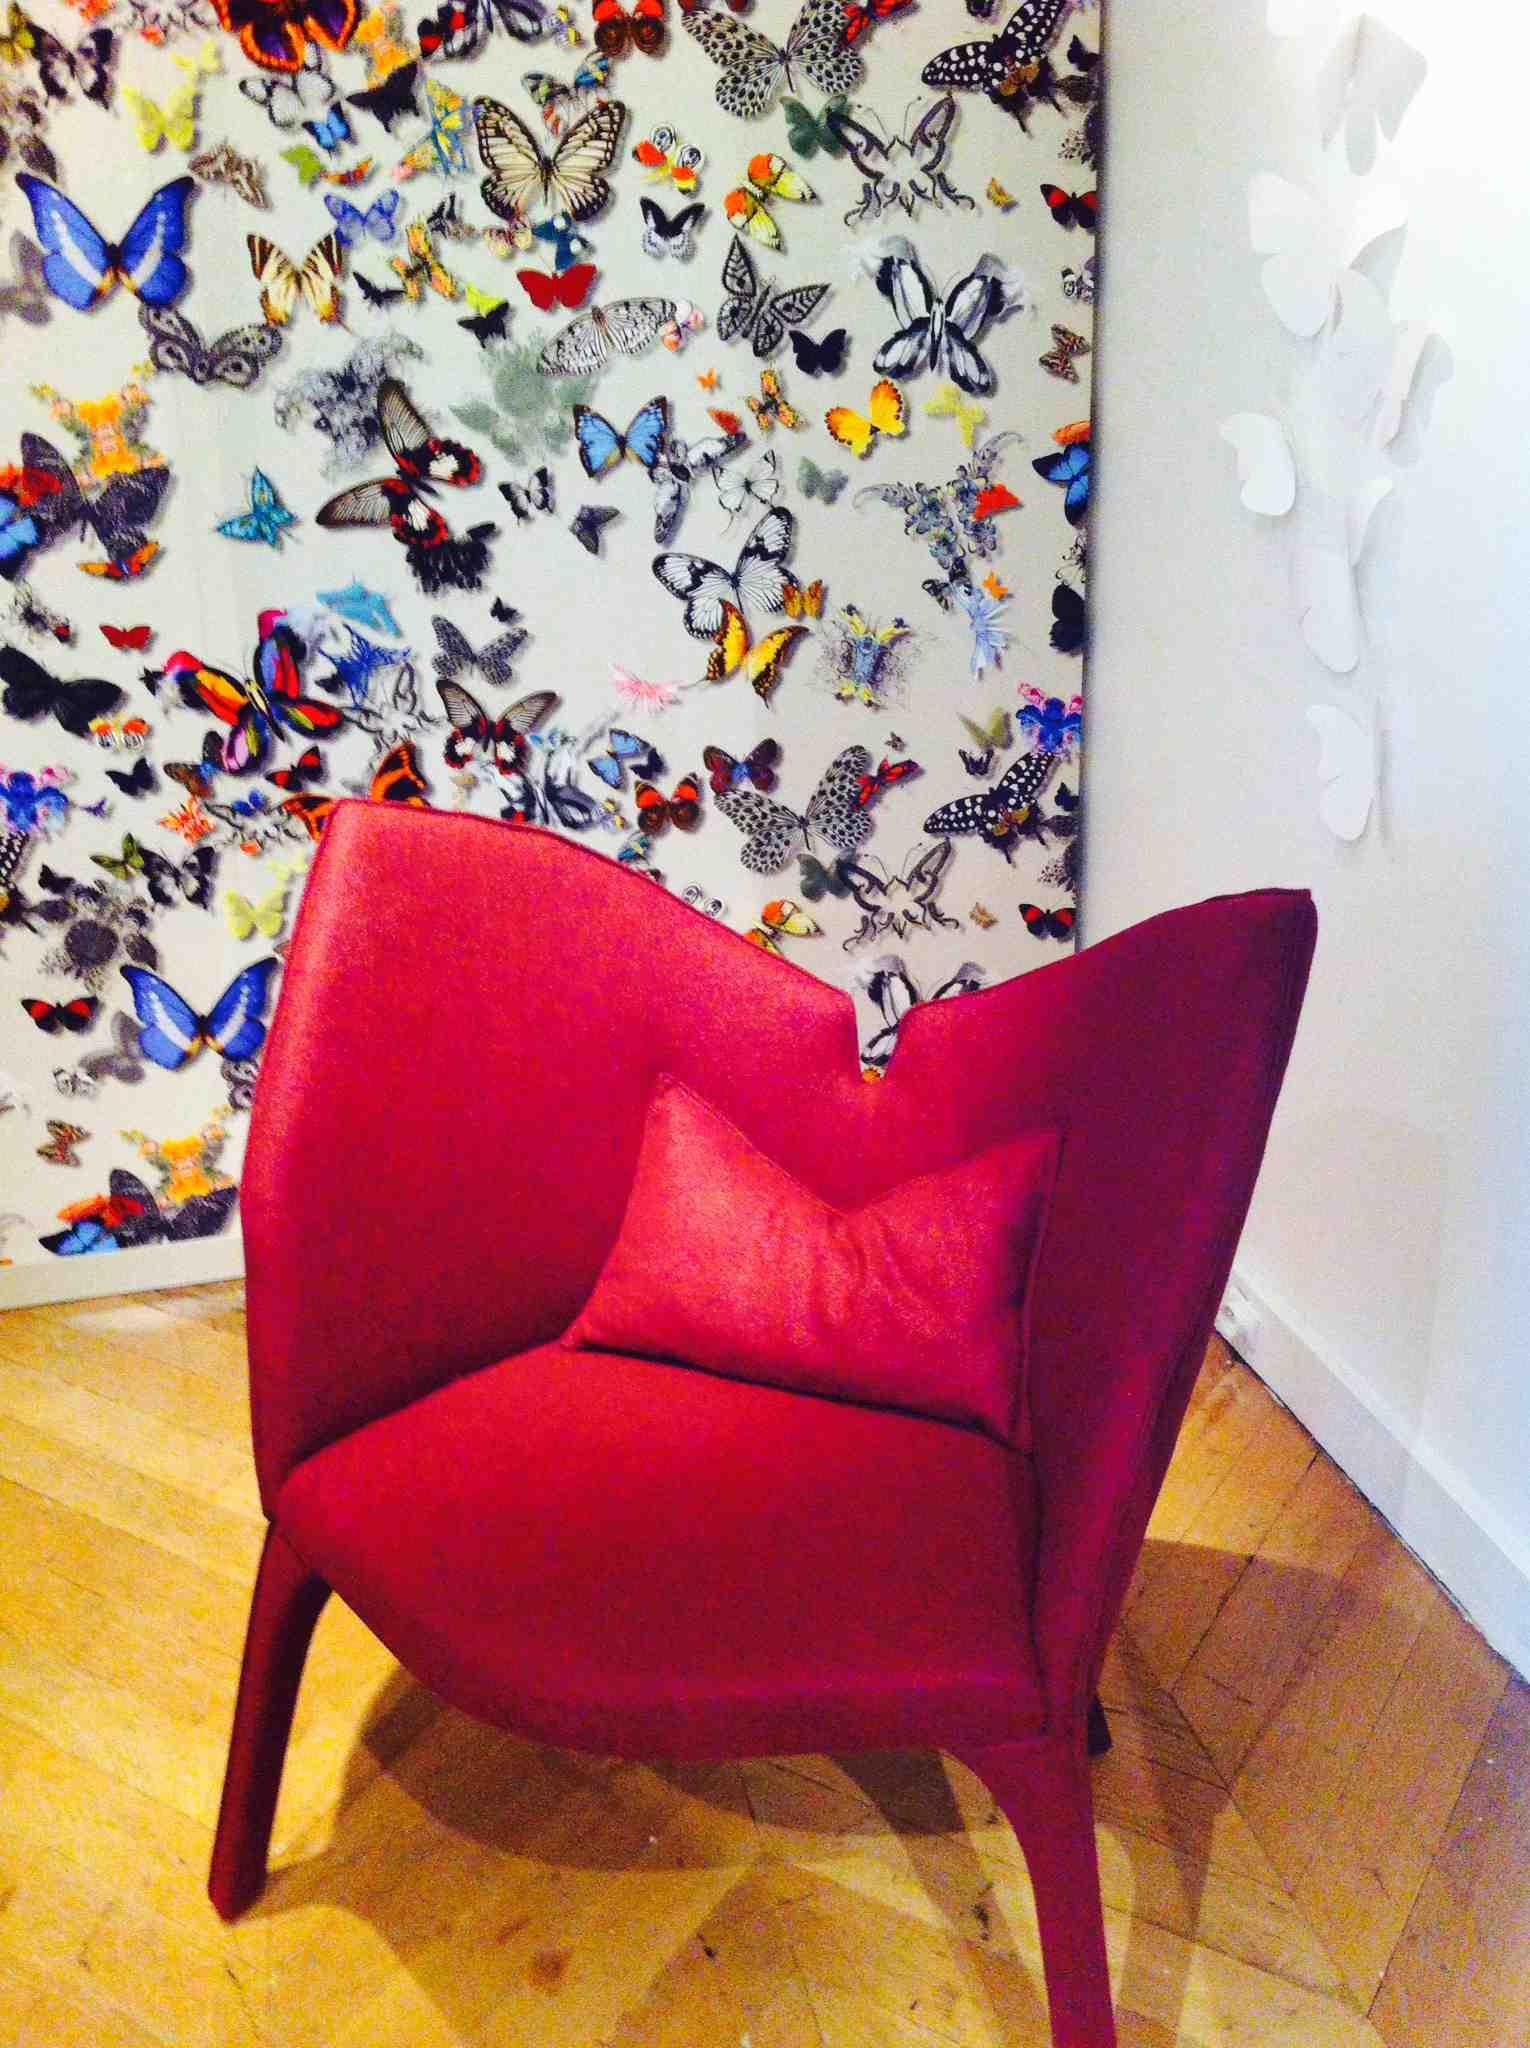 Roche Bobois Prezzi - House Design Interior - anderpander.us